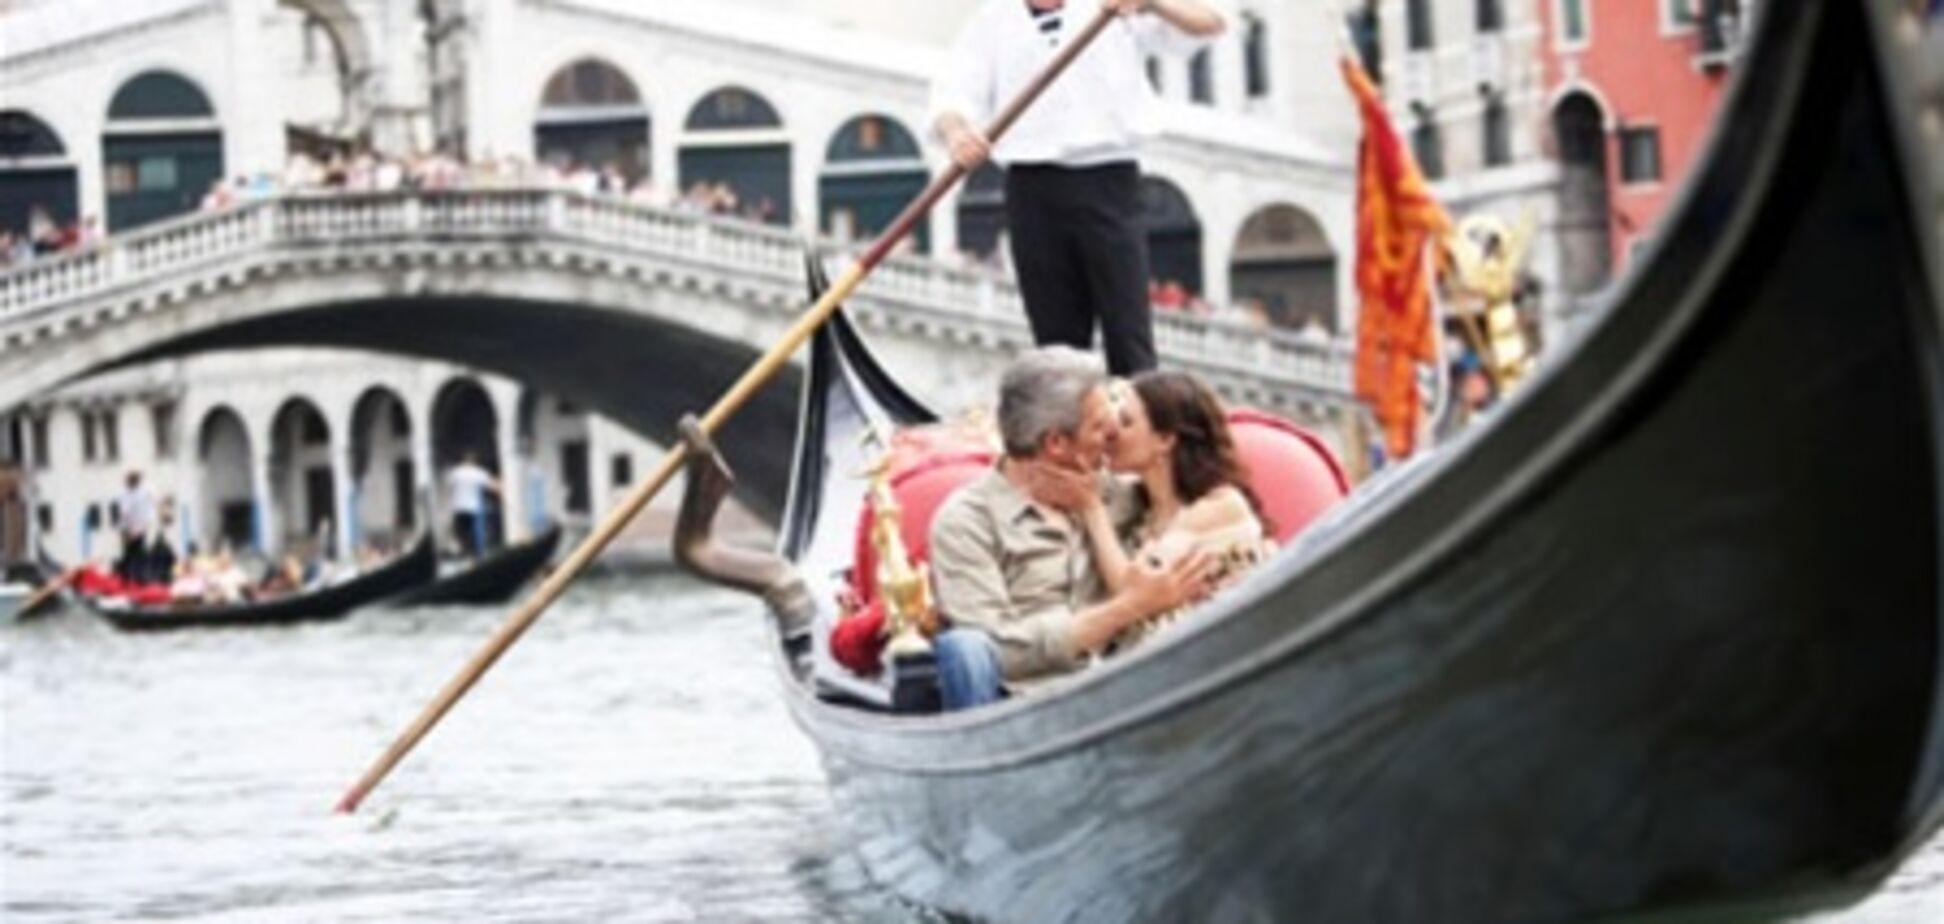 Венеціанське обдурювання: росіяни заплатили 400 євро за прогулянку на гондолі